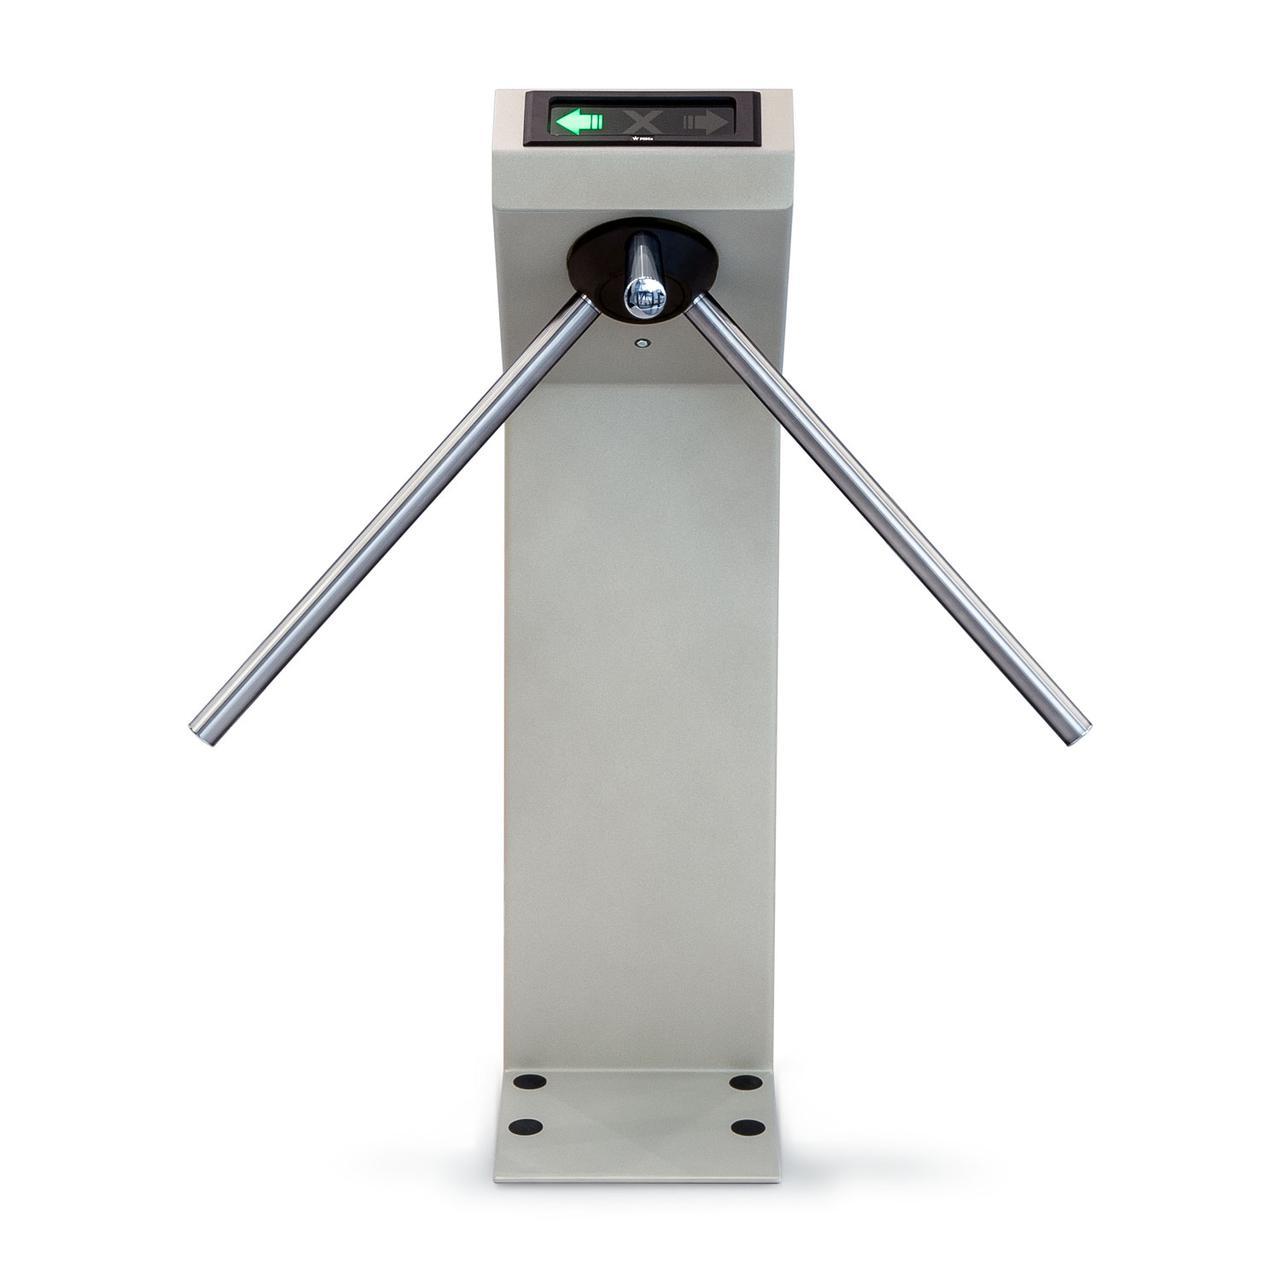 Турникет-трипод PERCo-TTR-04.1G для помещений без планок